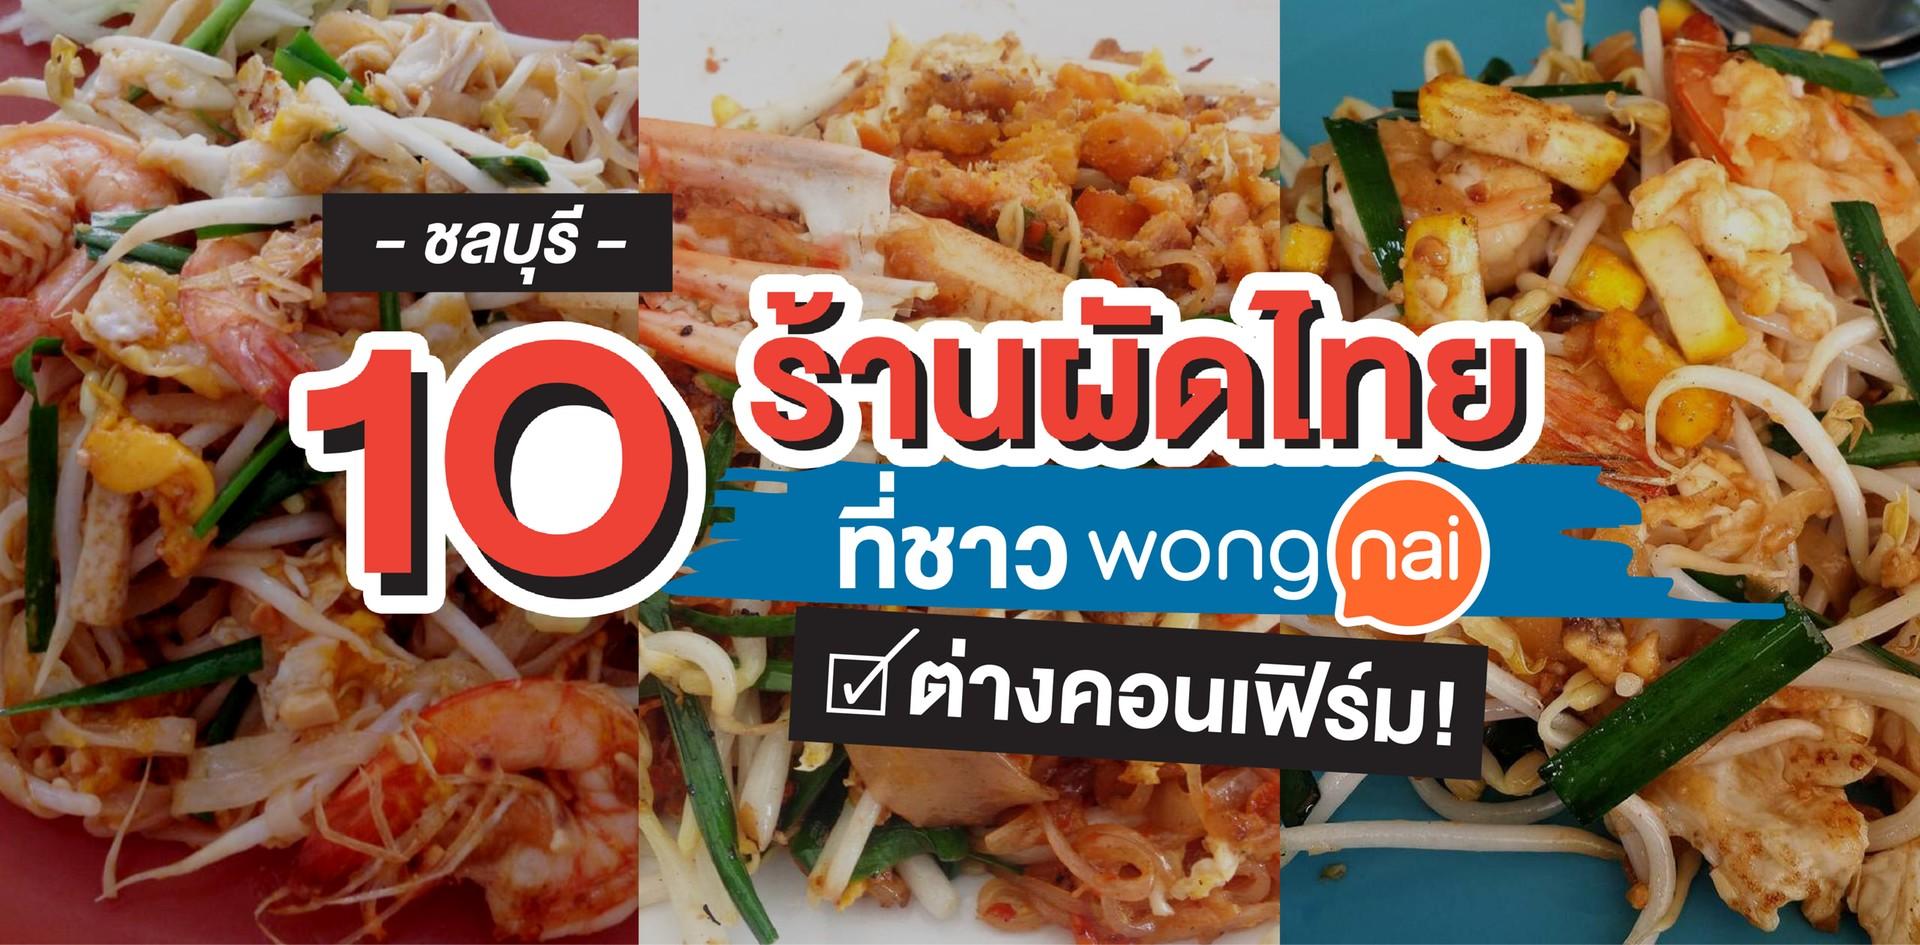 10 ร้านผัดไทย ที่ชาววงในต่างคอนเฟิร์ม @ Chonburi